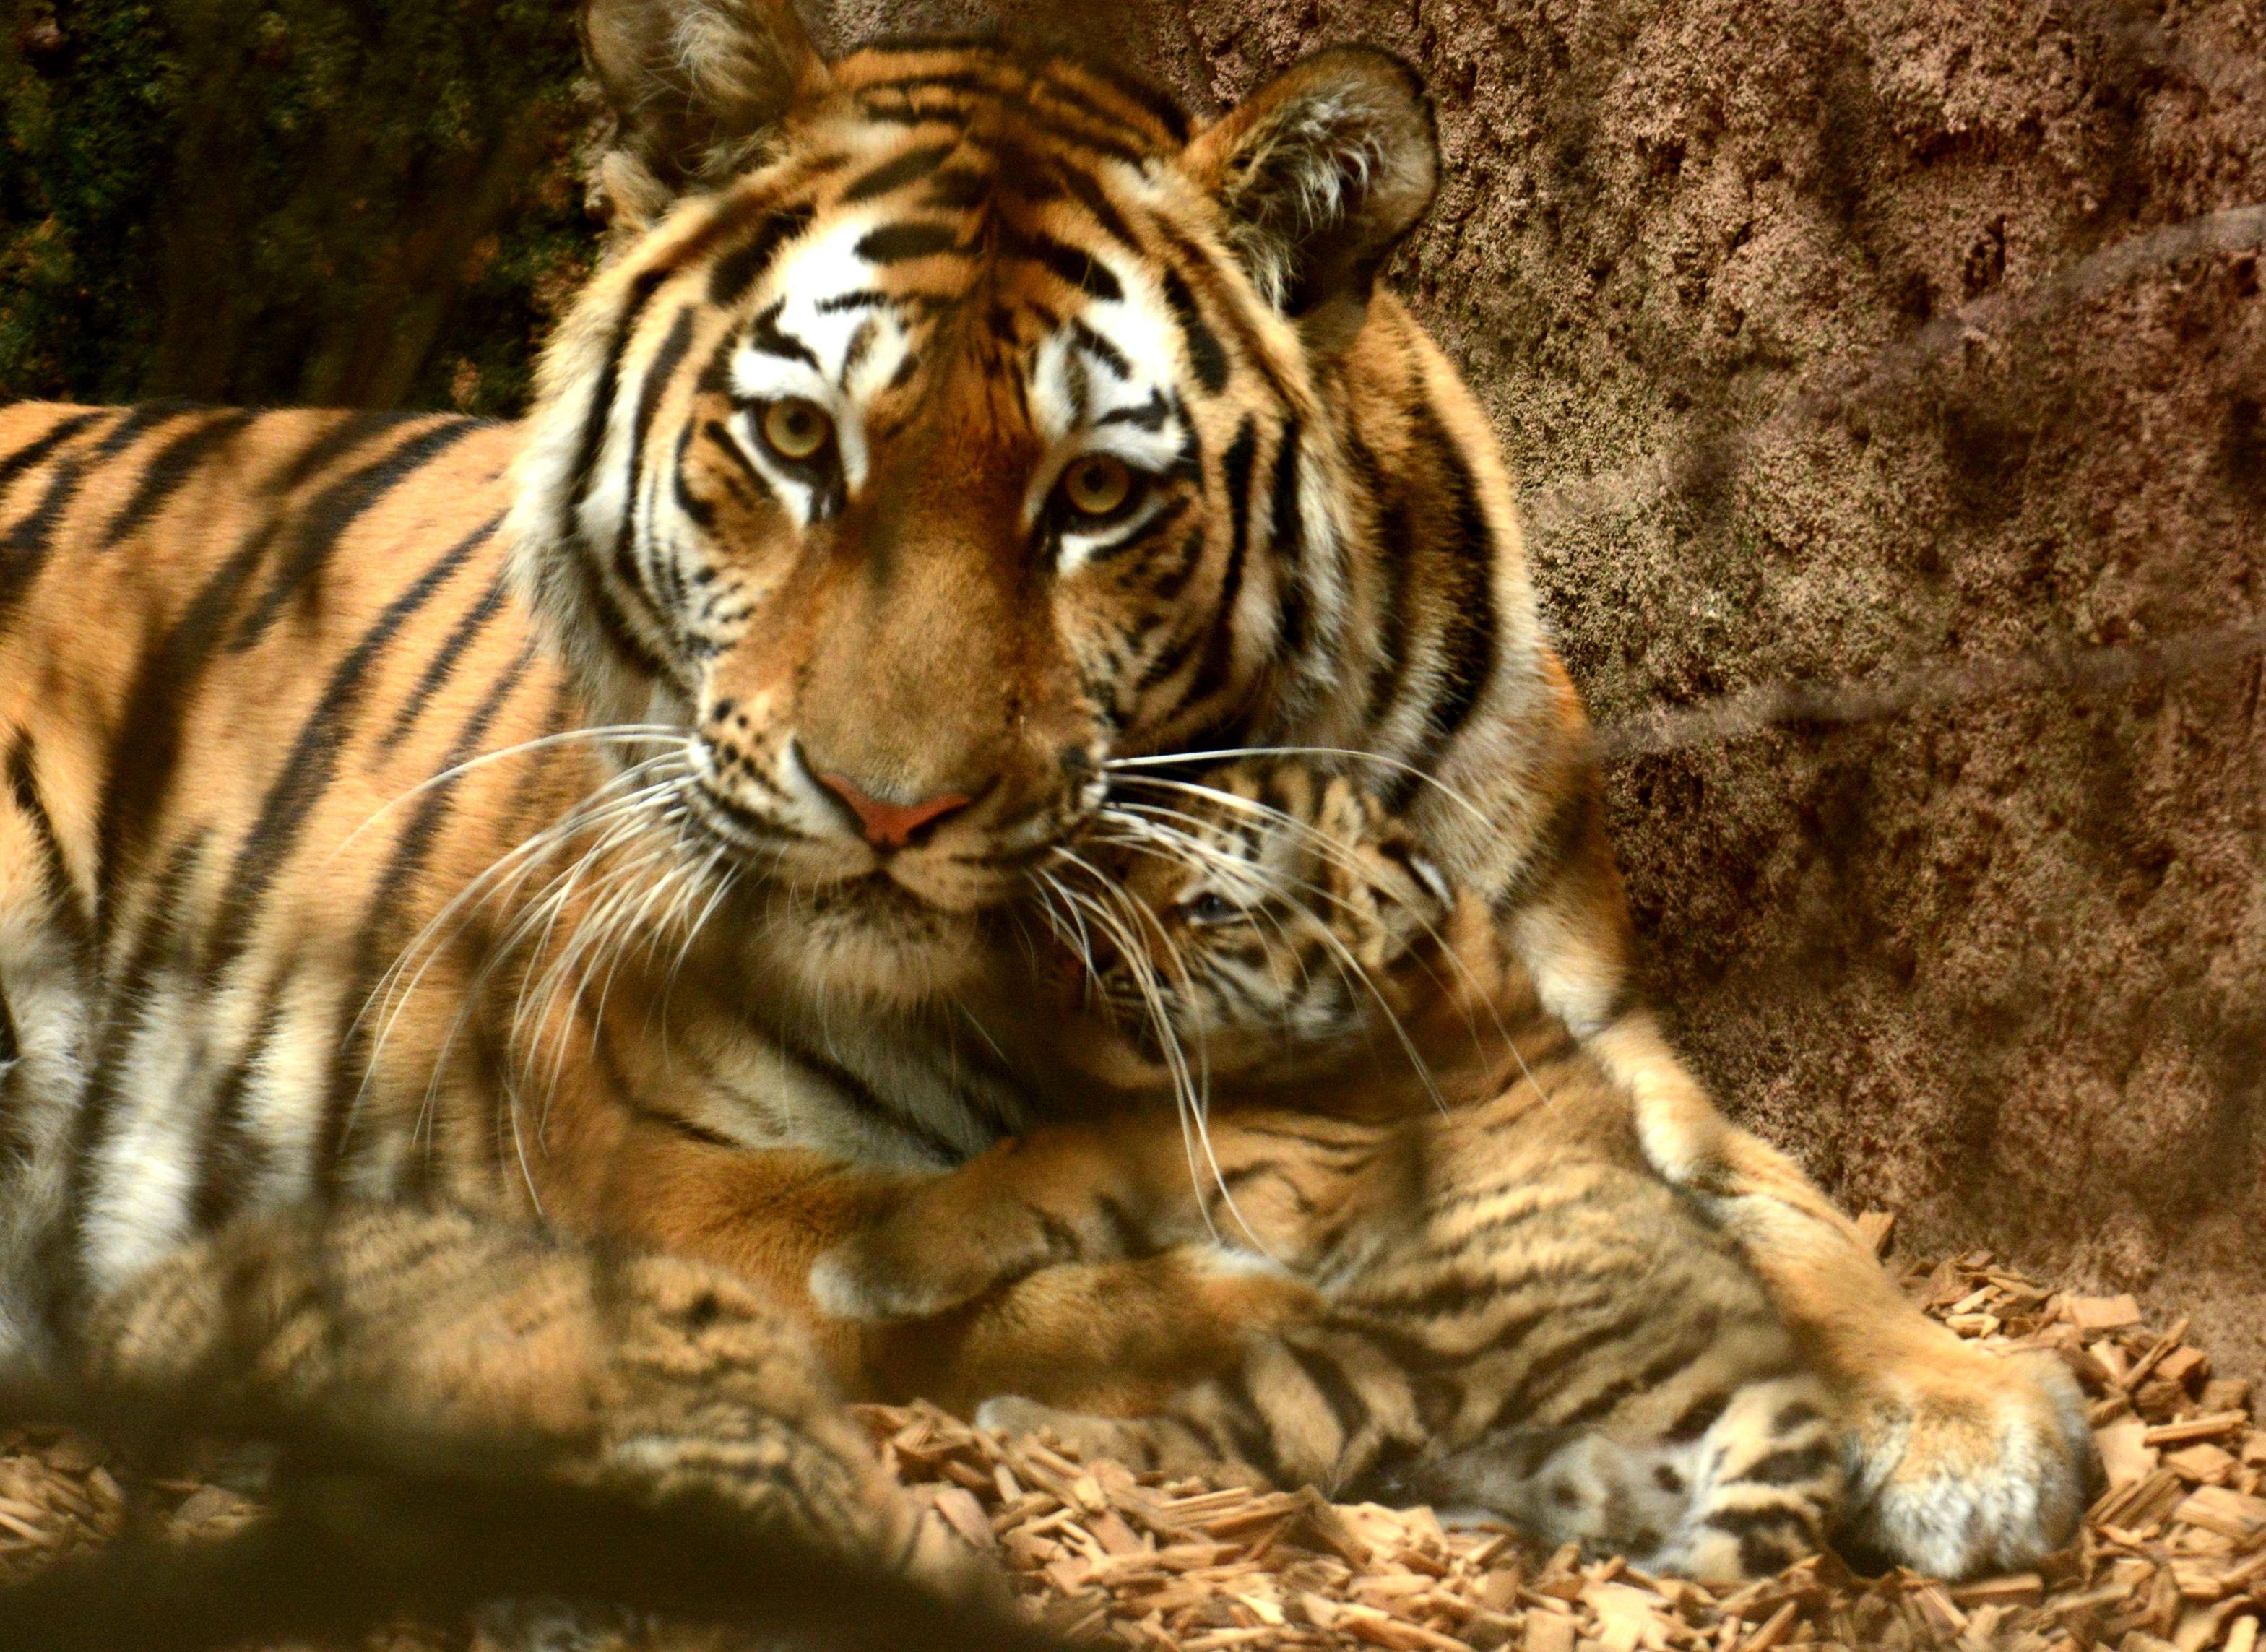 Neumarktaktuell Kleine Tiger Entwickeln Sich Gut 30072015